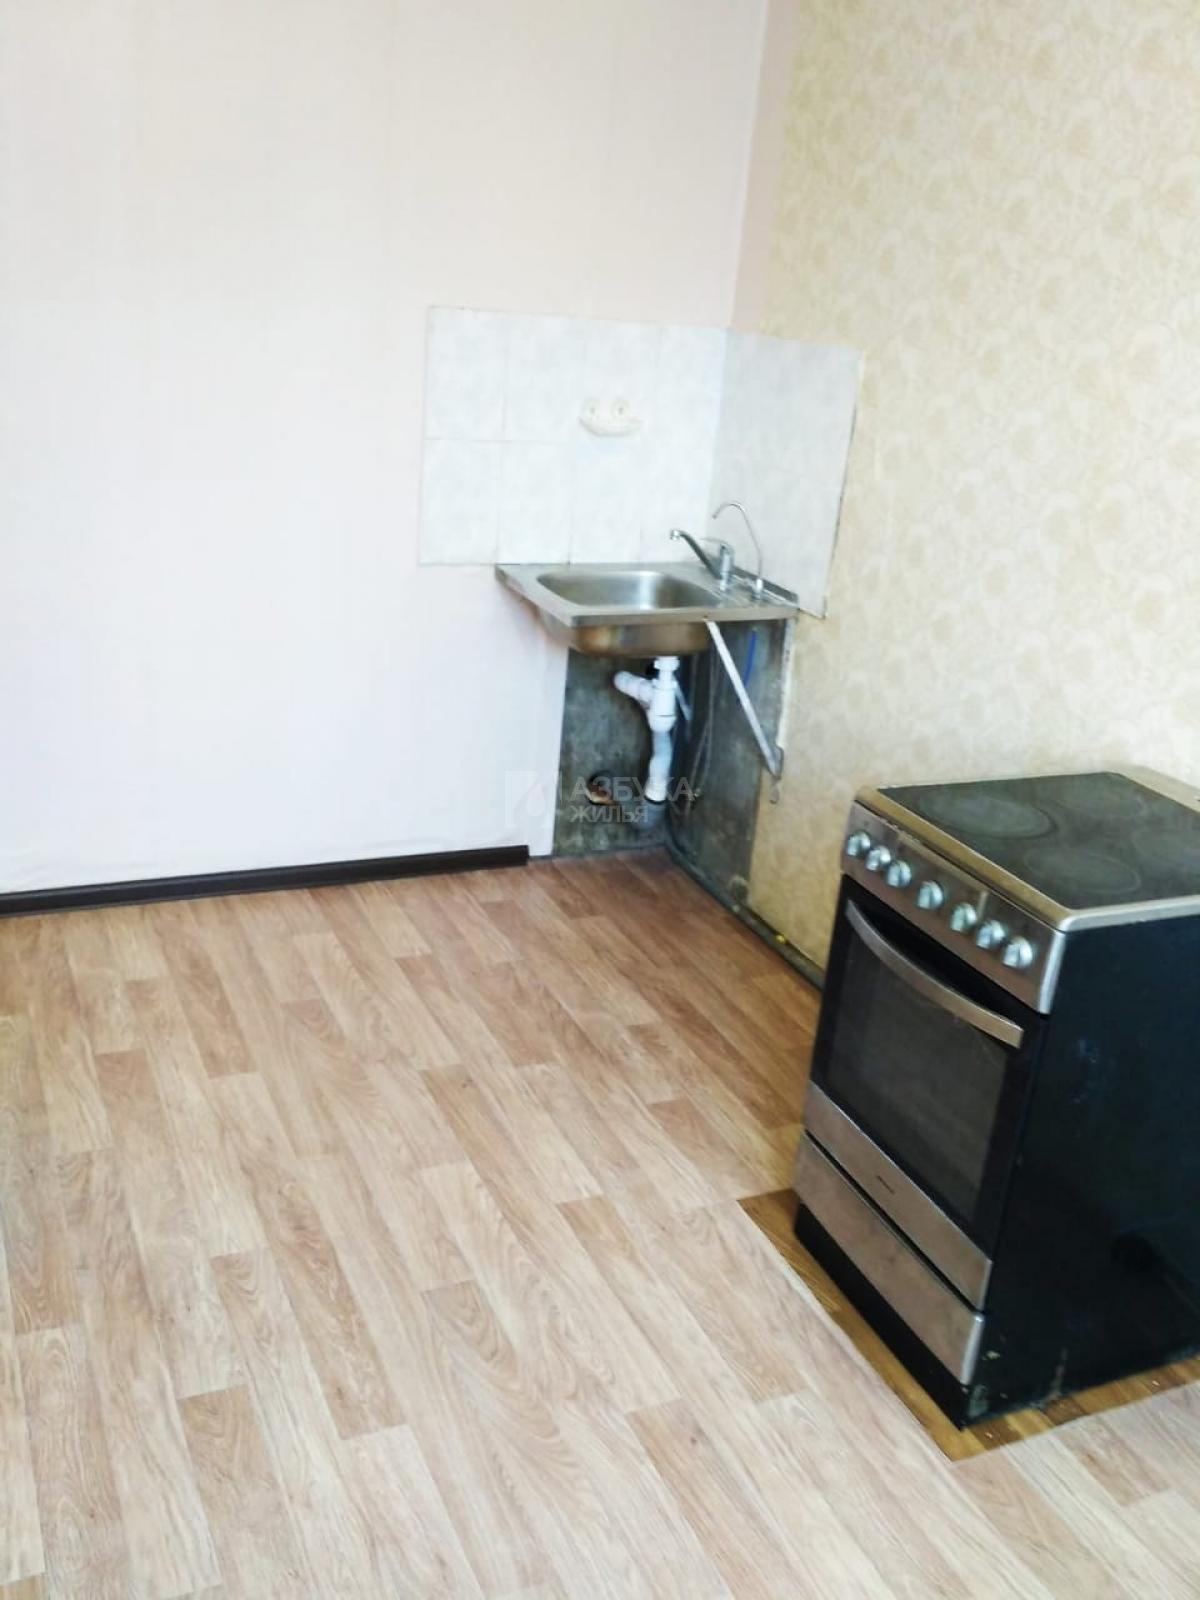 Фото №3 - 2-комнатная квартира, Москва, Краснодарская улица 72 корпус 3, метро Люблино